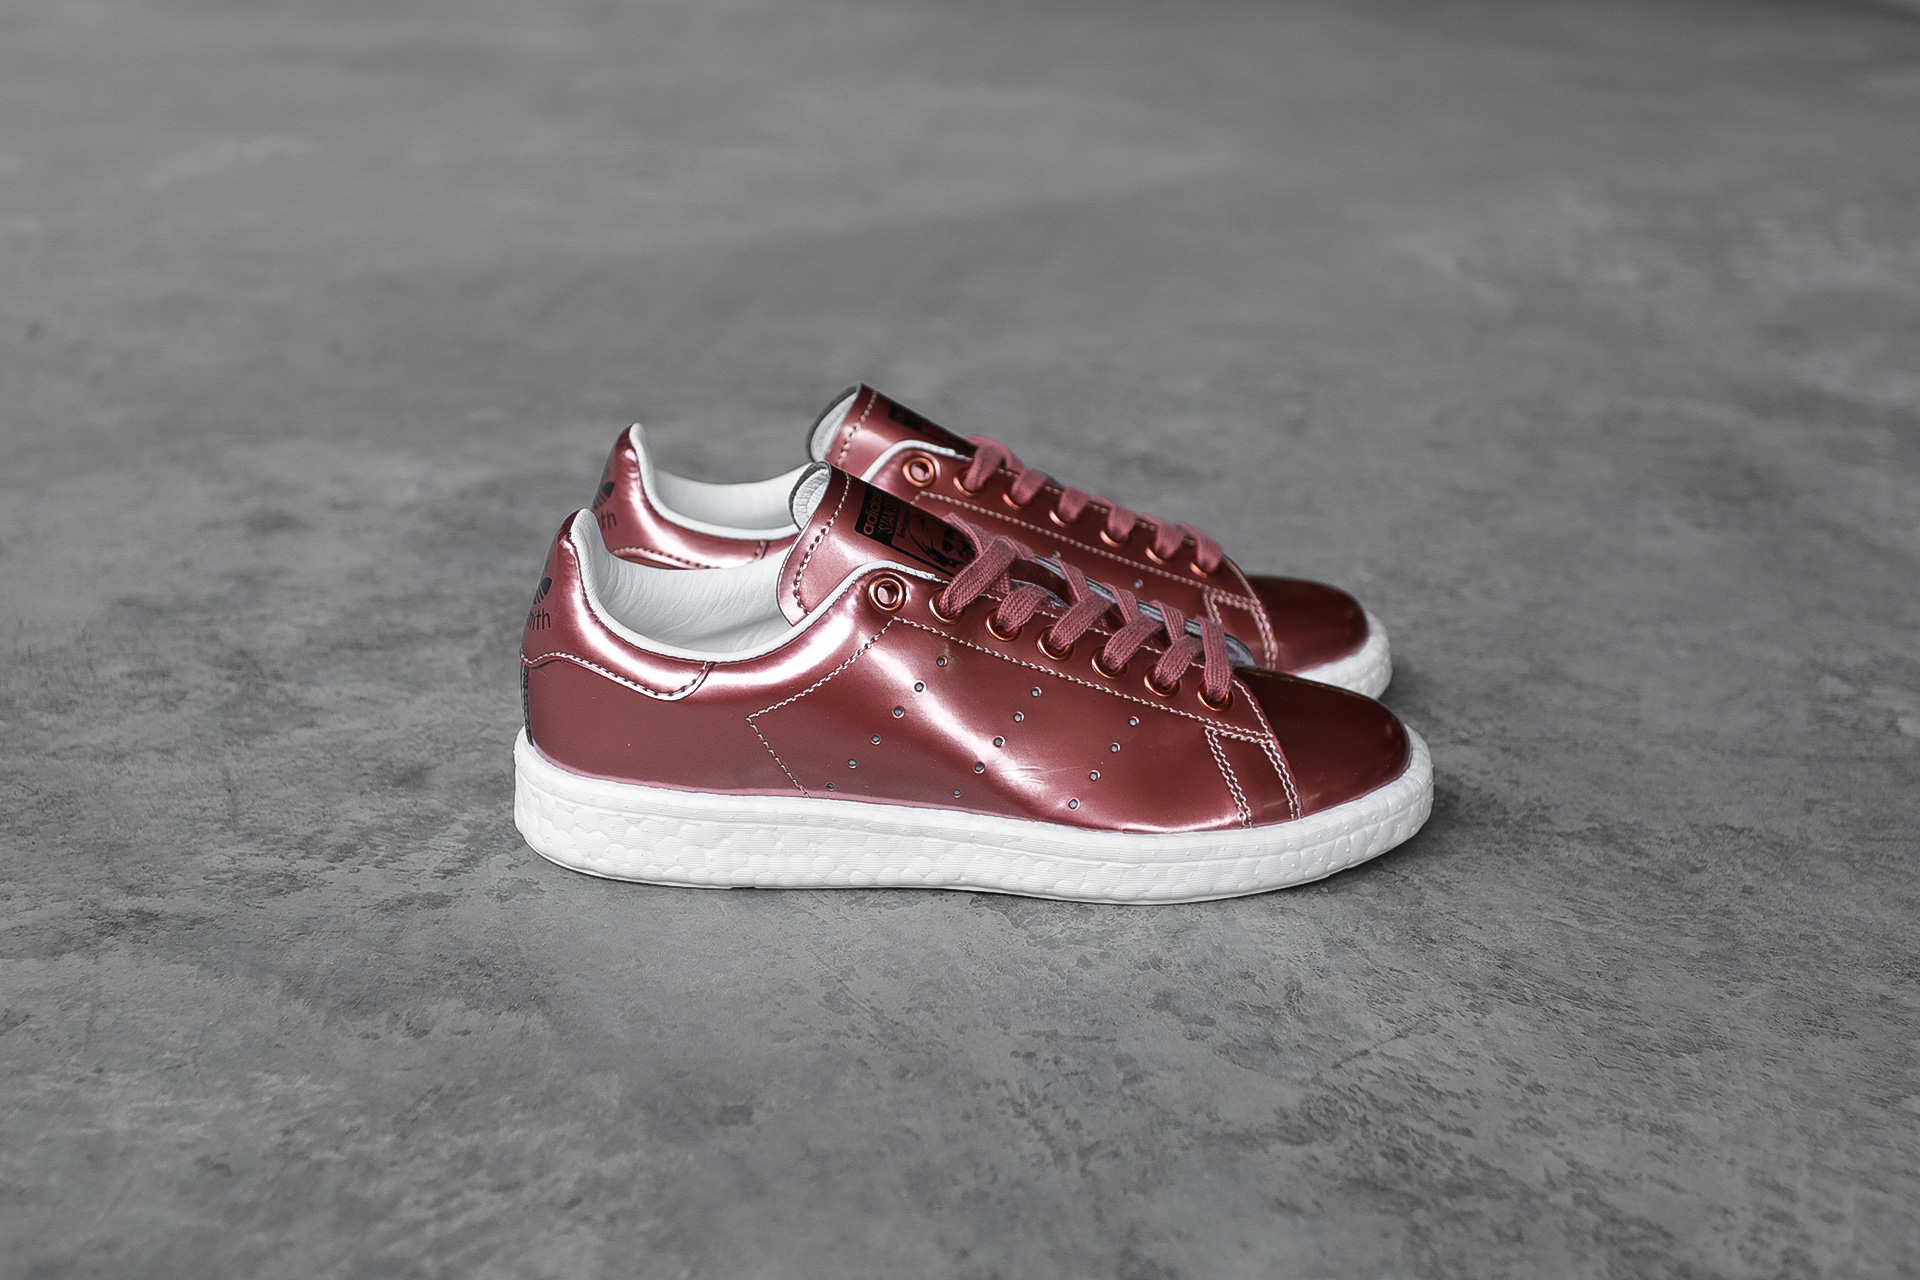 82805a4467b1 ... Купить женские красные кроссовки adidas Originals Stan Smith W - фото 6  картинки ...